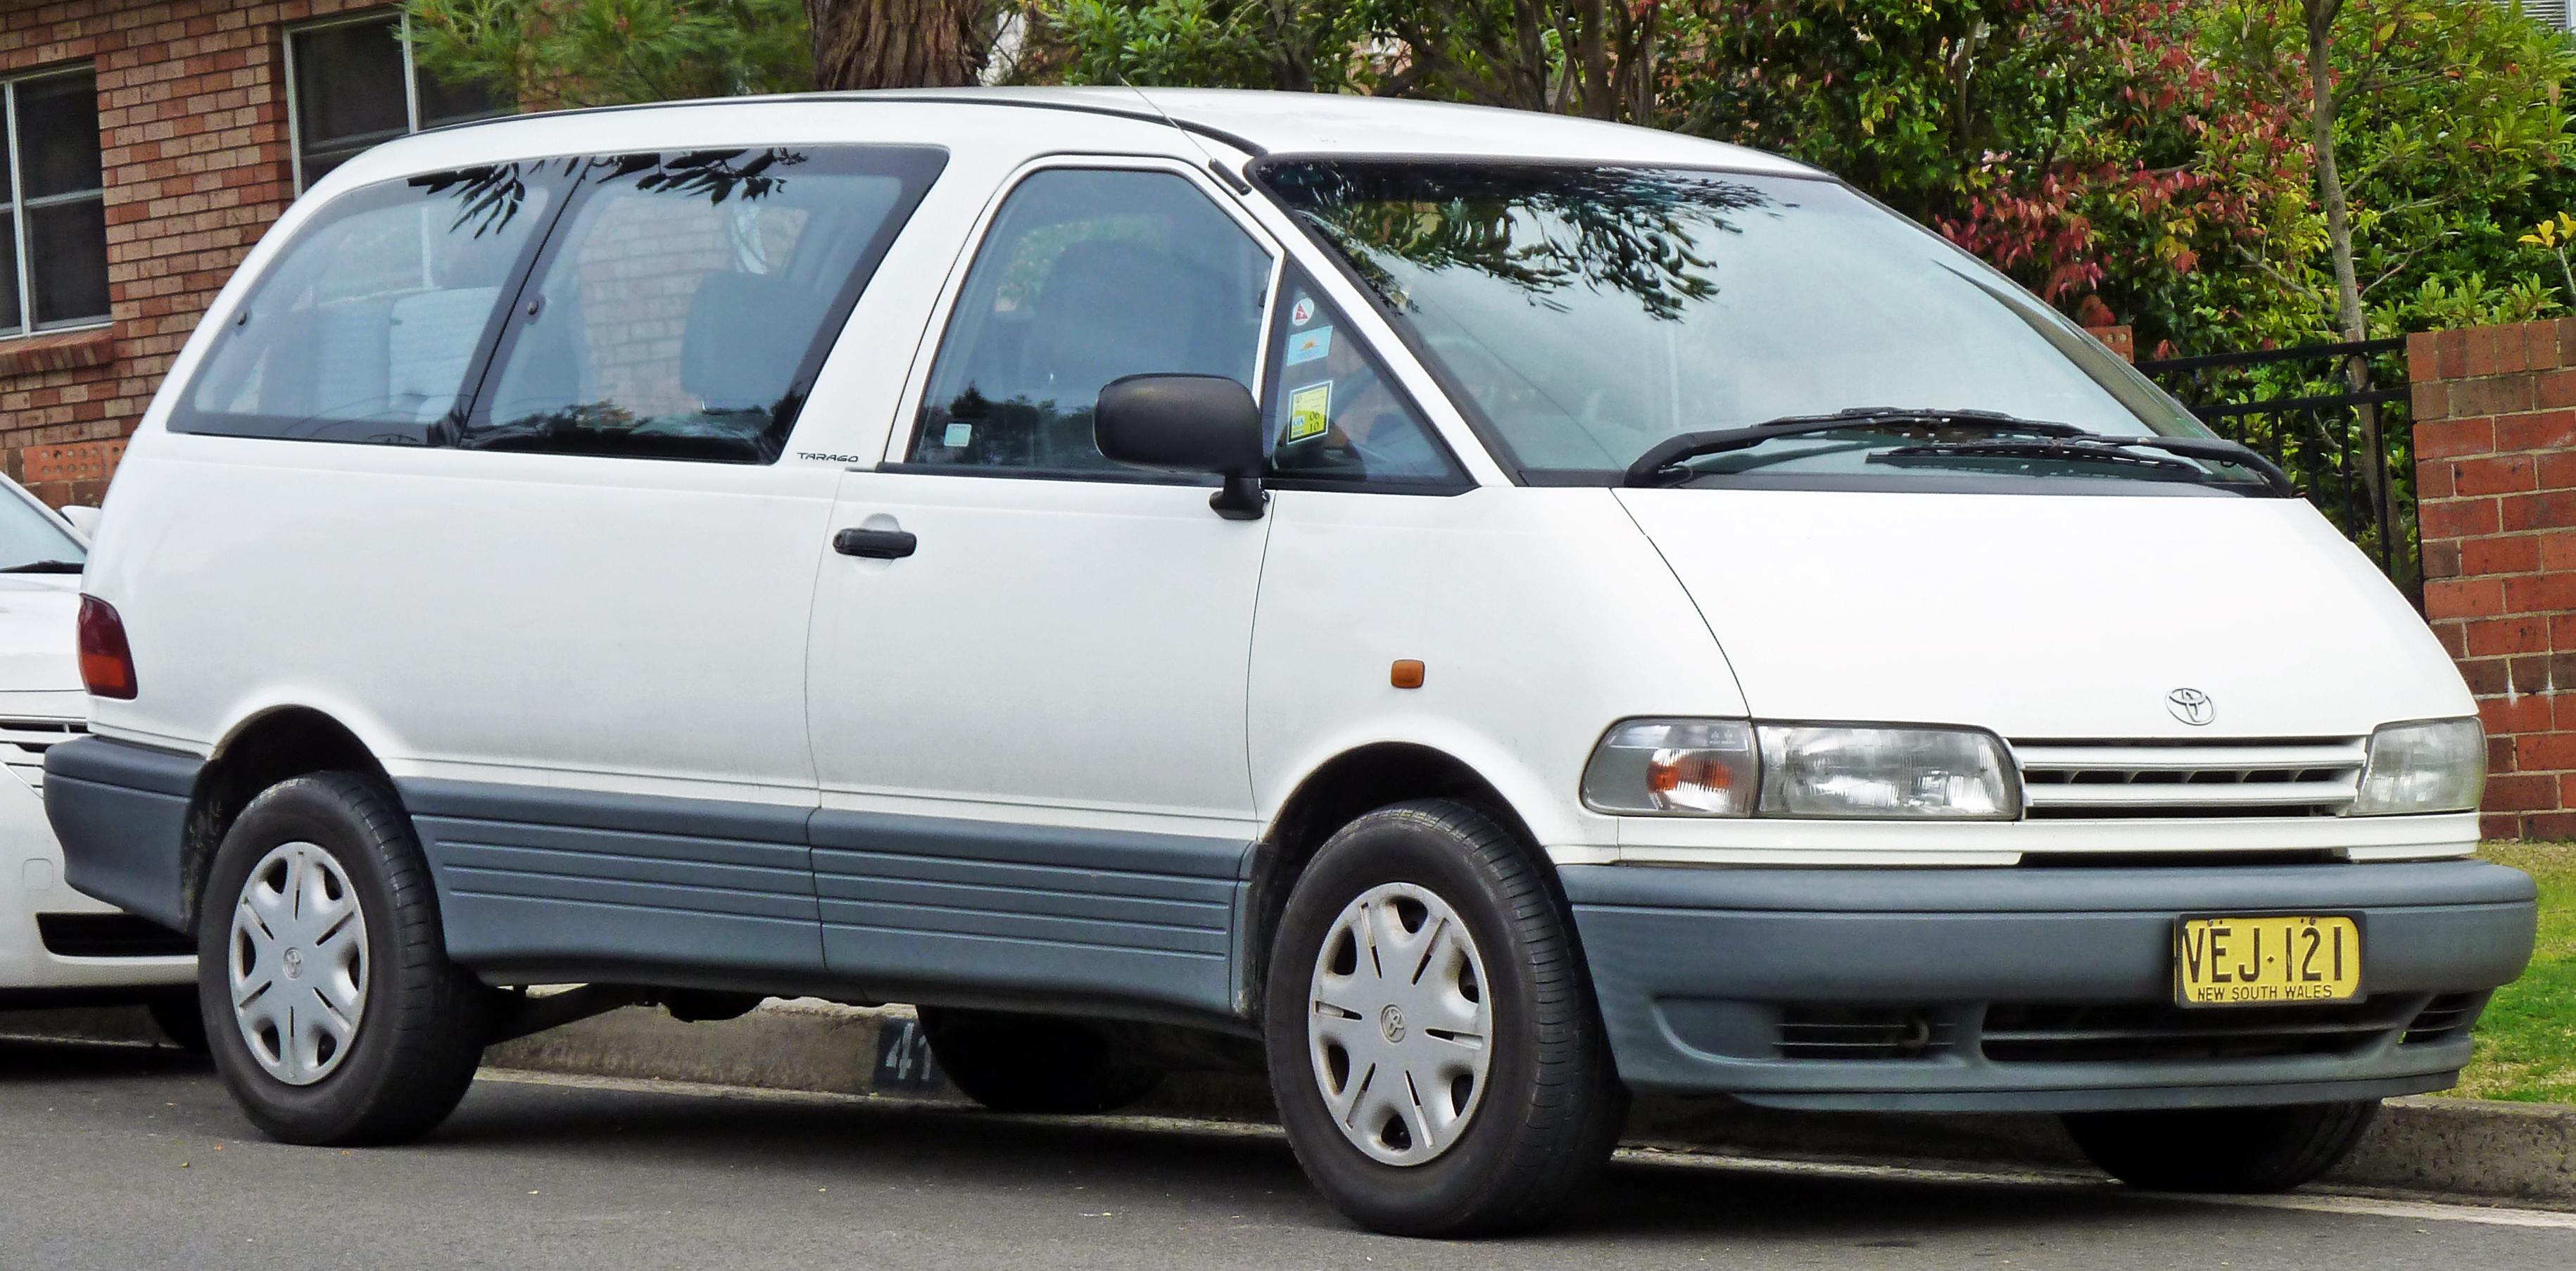 1996 Toyota Previa Image 9